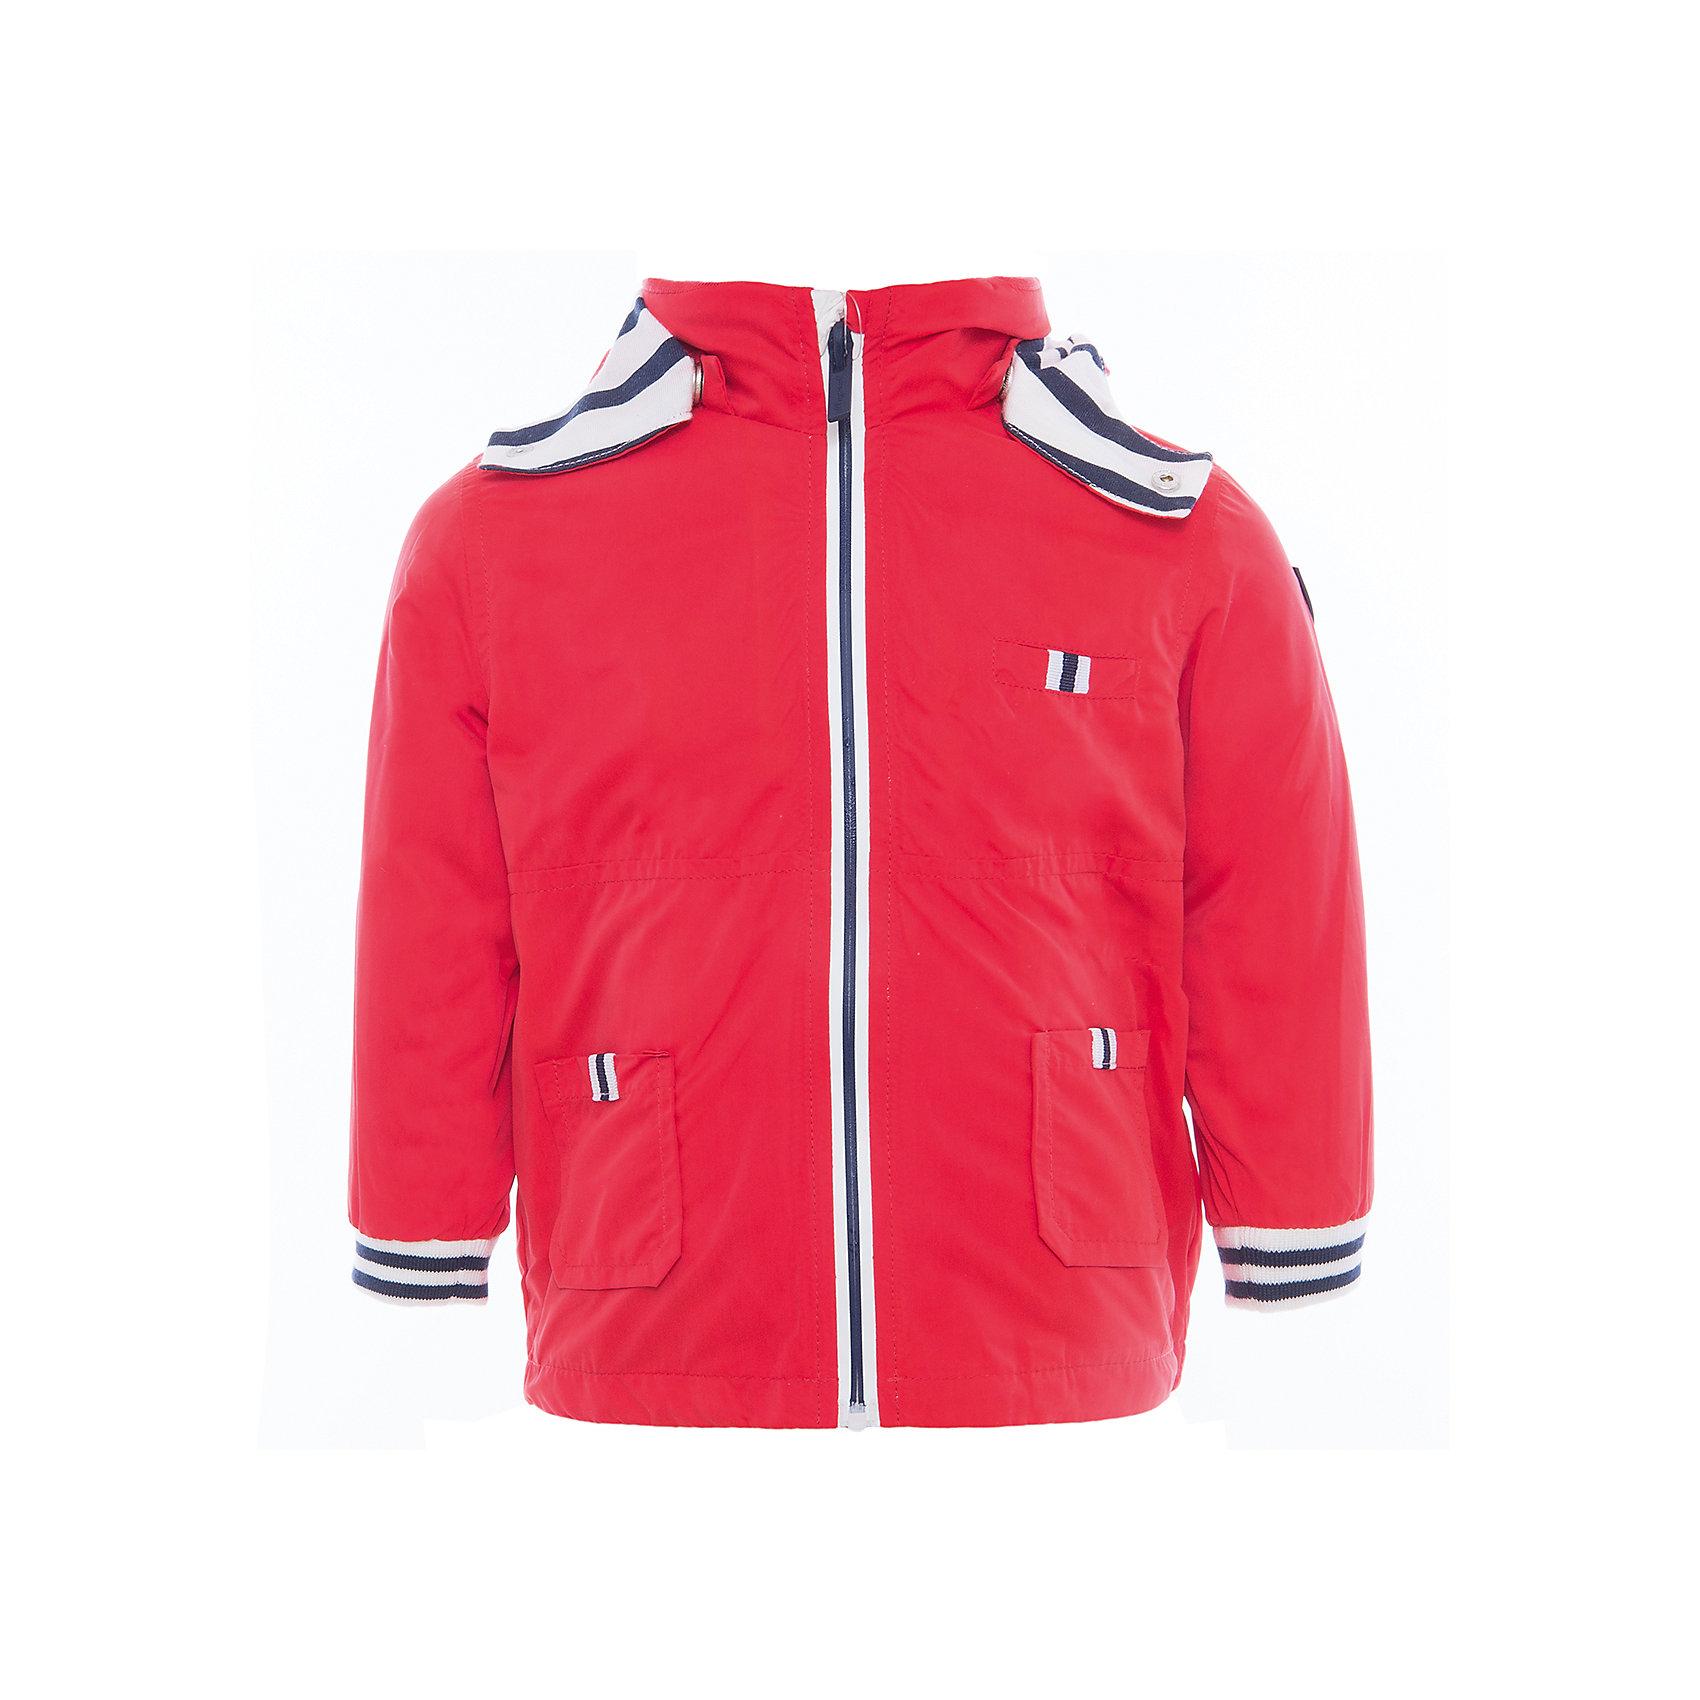 Ветровка для мальчика MayoralВерхняя одежда<br>Характеристики товара:<br><br>• цвет: красный<br>• состав: 100% полиэстер, подкладка - 65% полиэстер, 35% хлопок<br>• температурный режим: от +10°до +20°С<br>• манжеты <br>• карманы<br>• молния<br>• капюшон<br>• страна бренда: Испания<br><br>Легкая ветровка для мальчика поможет разнообразить гардероб ребенка и обеспечить тепло в прохладную погоду. Она отлично сочетается и с джинсами, и с брюками. Универсальный цвет позволяет подобрать к вещи низ различных расцветок. Интересная отделка модели делает её нарядной и оригинальной. В составе материала подкладки - натуральный хлопок, гипоаллергенный, приятный на ощупь, дышащий.<br><br>Одежда, обувь и аксессуары от испанского бренда Mayoral полюбились детям и взрослым по всему миру. Модели этой марки - стильные и удобные. Для их производства используются только безопасные, качественные материалы и фурнитура. Порадуйте ребенка модными и красивыми вещами от Mayoral! <br><br>Ветровку для мальчика от испанского бренда Mayoral (Майорал) можно купить в нашем интернет-магазине.<br><br>Ширина мм: 356<br>Глубина мм: 10<br>Высота мм: 245<br>Вес г: 519<br>Цвет: розовый<br>Возраст от месяцев: 18<br>Возраст до месяцев: 24<br>Пол: Мужской<br>Возраст: Детский<br>Размер: 92,80,86<br>SKU: 5279612